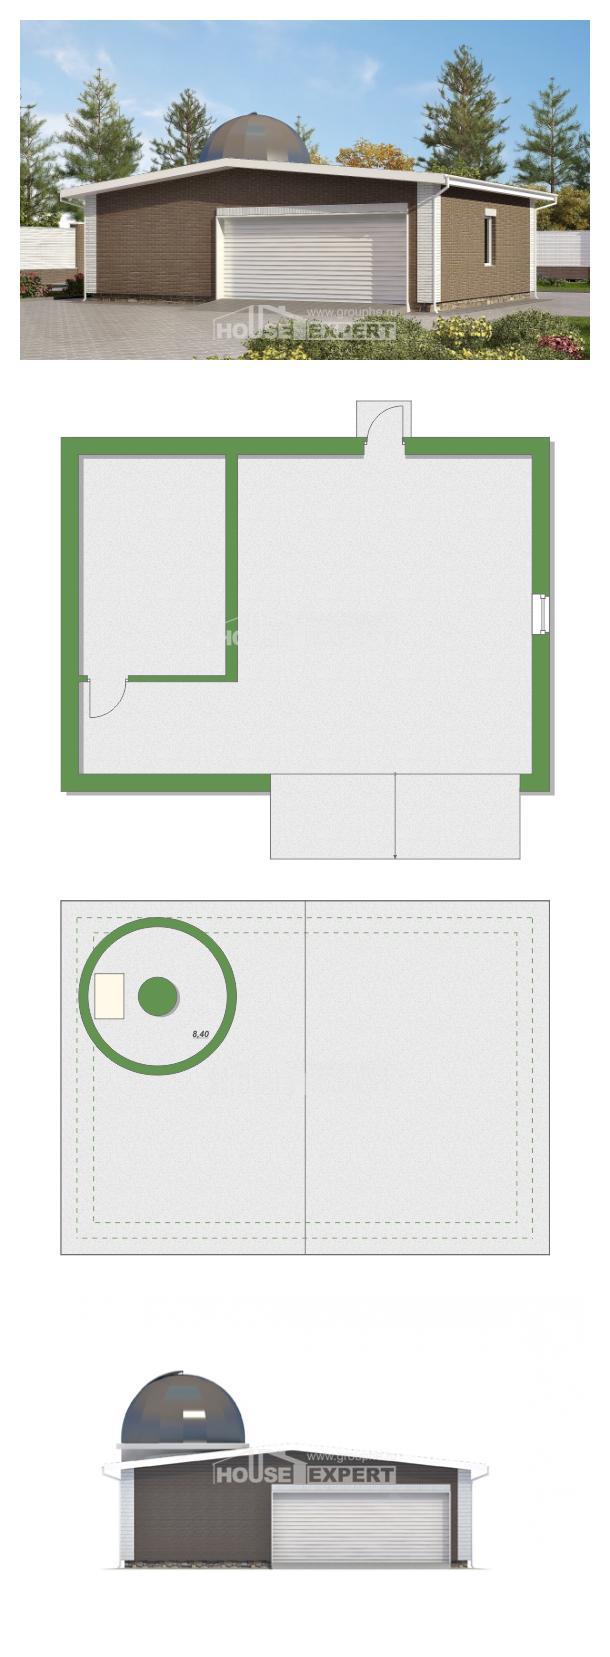 Plan 075-001-R | House Expert